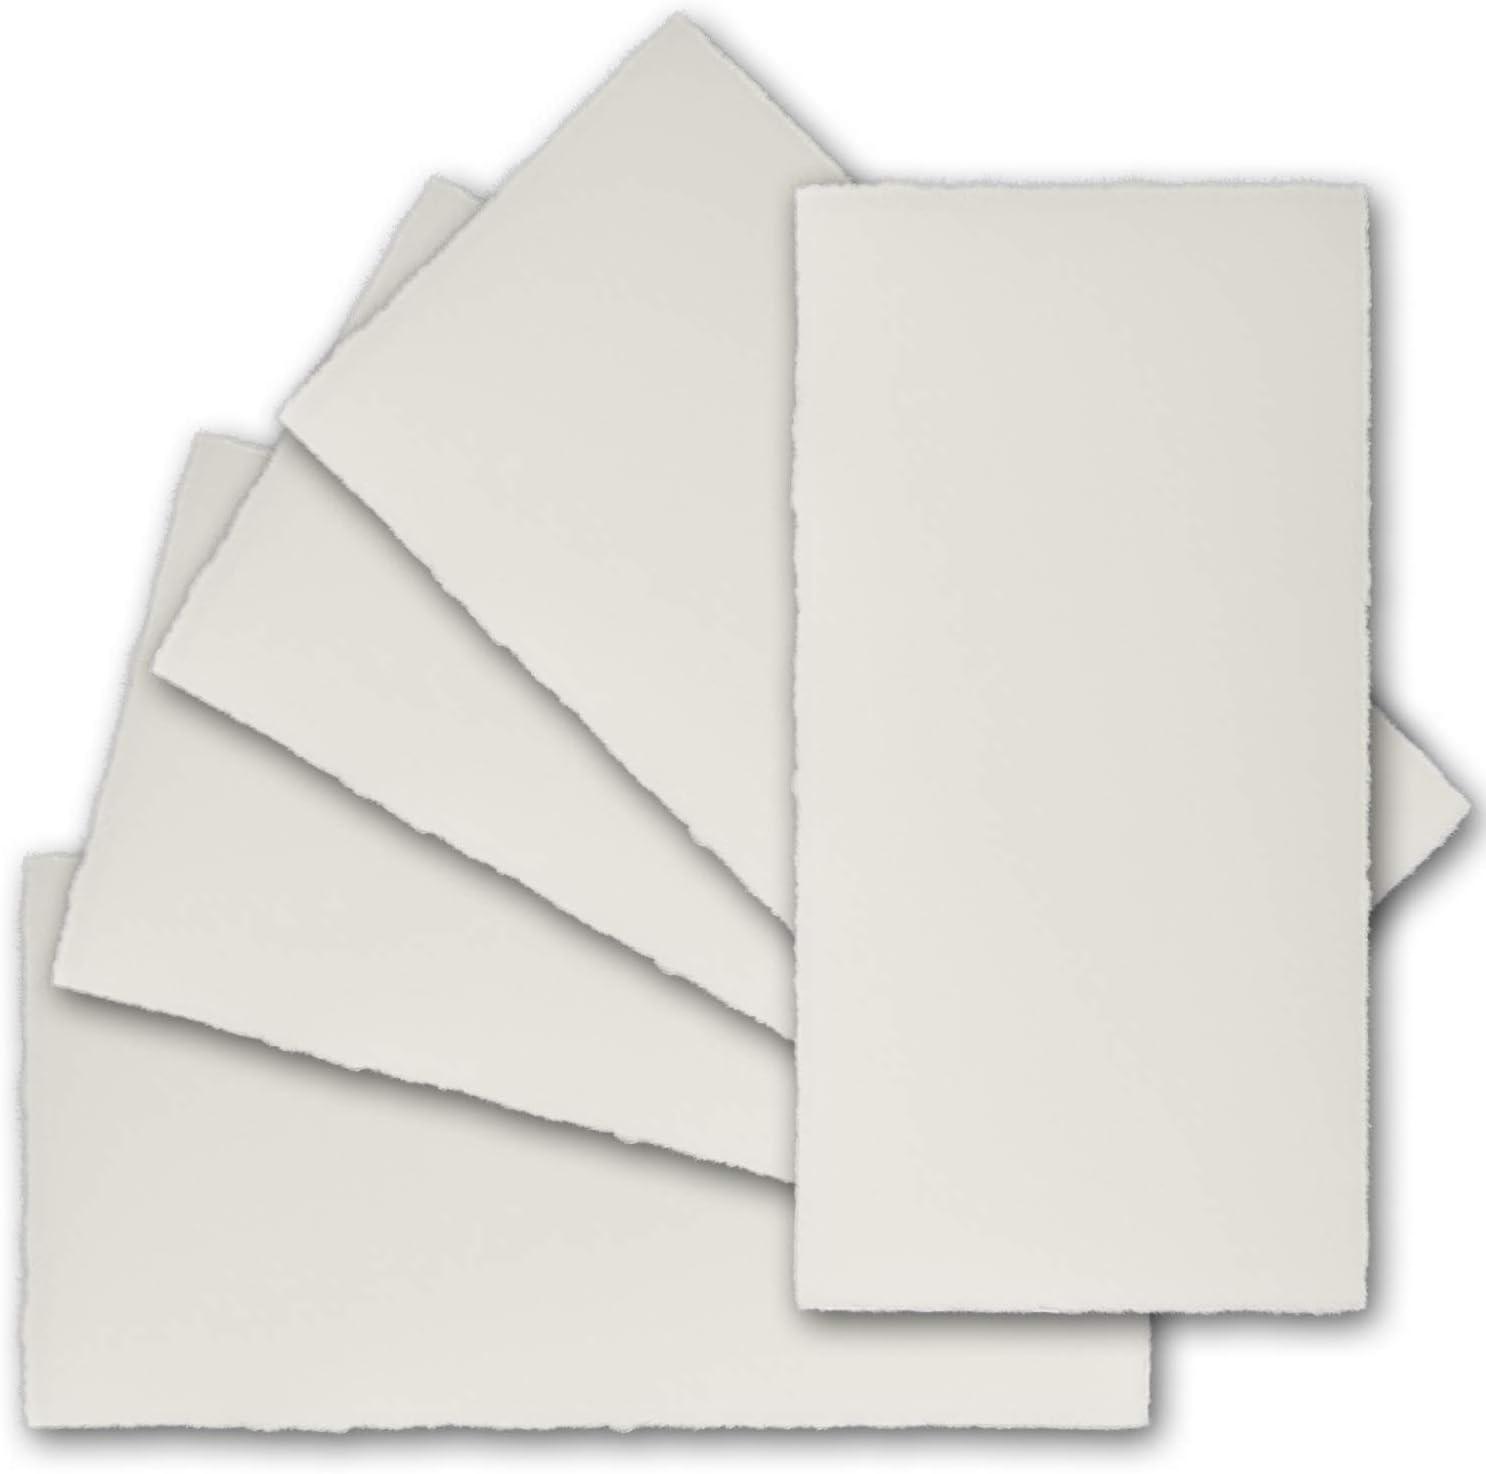 100 x 210 mm Natur-Wei/ß 10x DIN Lang Vintage Einzelkarten-Set mit Brief-Umschl/ägen Original Zerkall-B/ütten ohne Falz echtes B/ütten-Papier